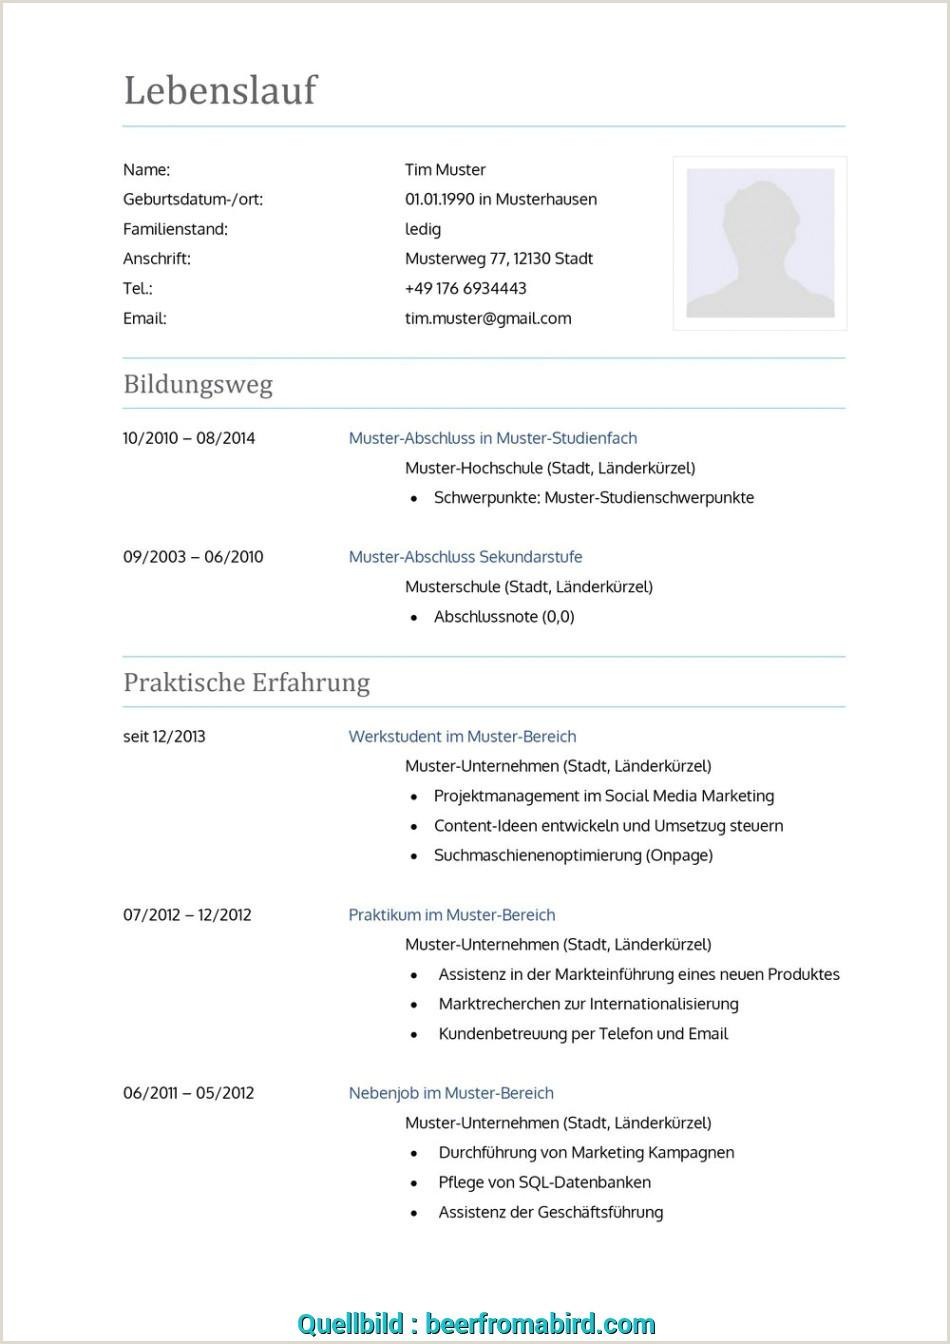 Lebenslauf Muster Jahrespraktikum Komplex 14 Lebenslauf 2016 Vorlage Beerfromabird Muster